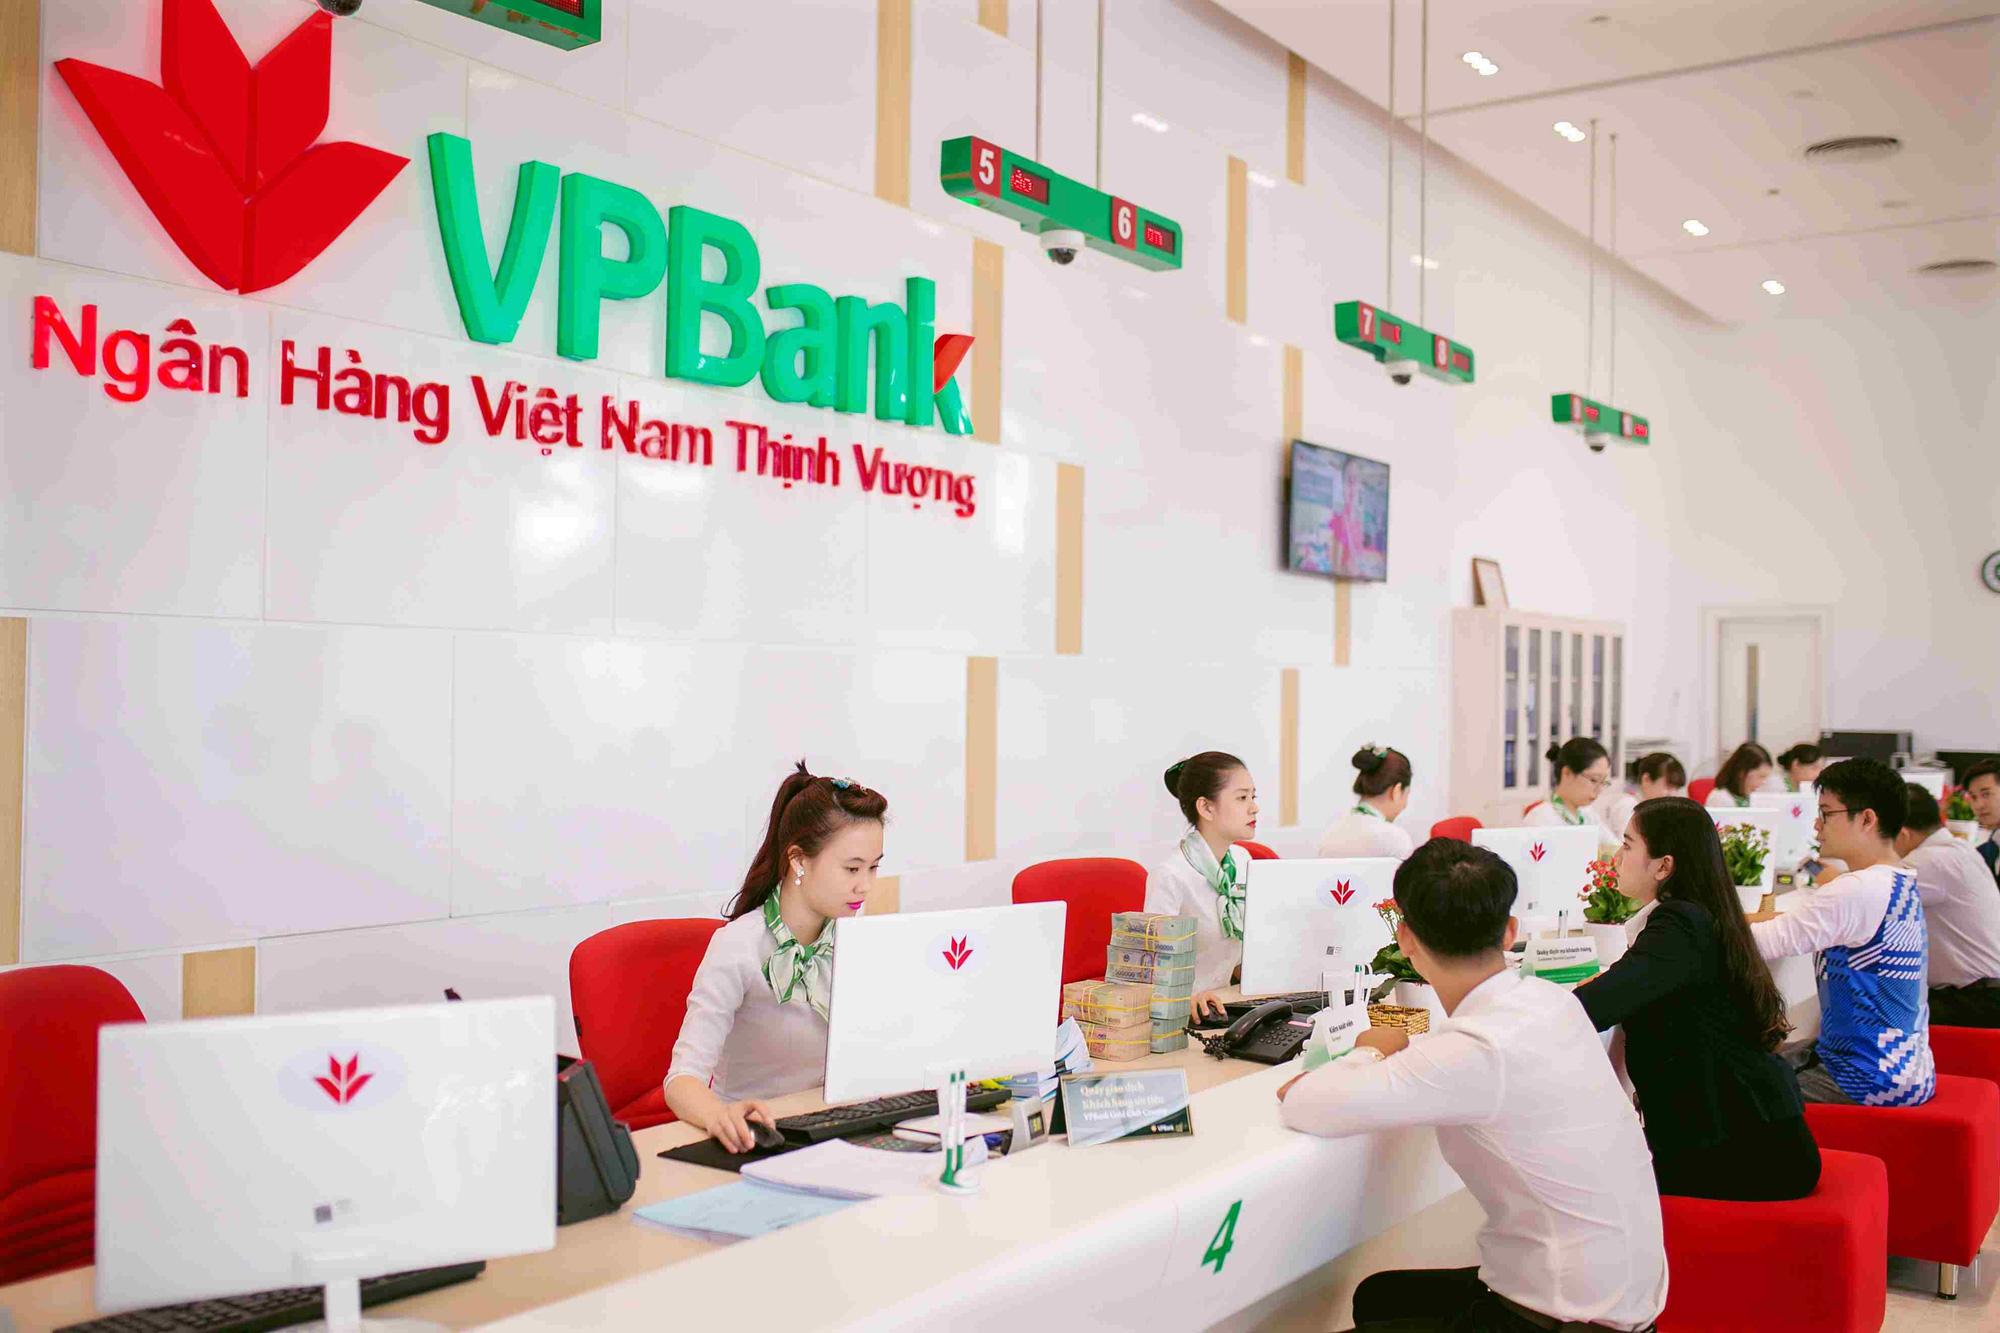 Thị trường diễn biến tích cực, VPBank kỳ vọng nhiều mục tiêu chính 2020 sẽ vượt mức dự đoán đặt ra từ đầu năm